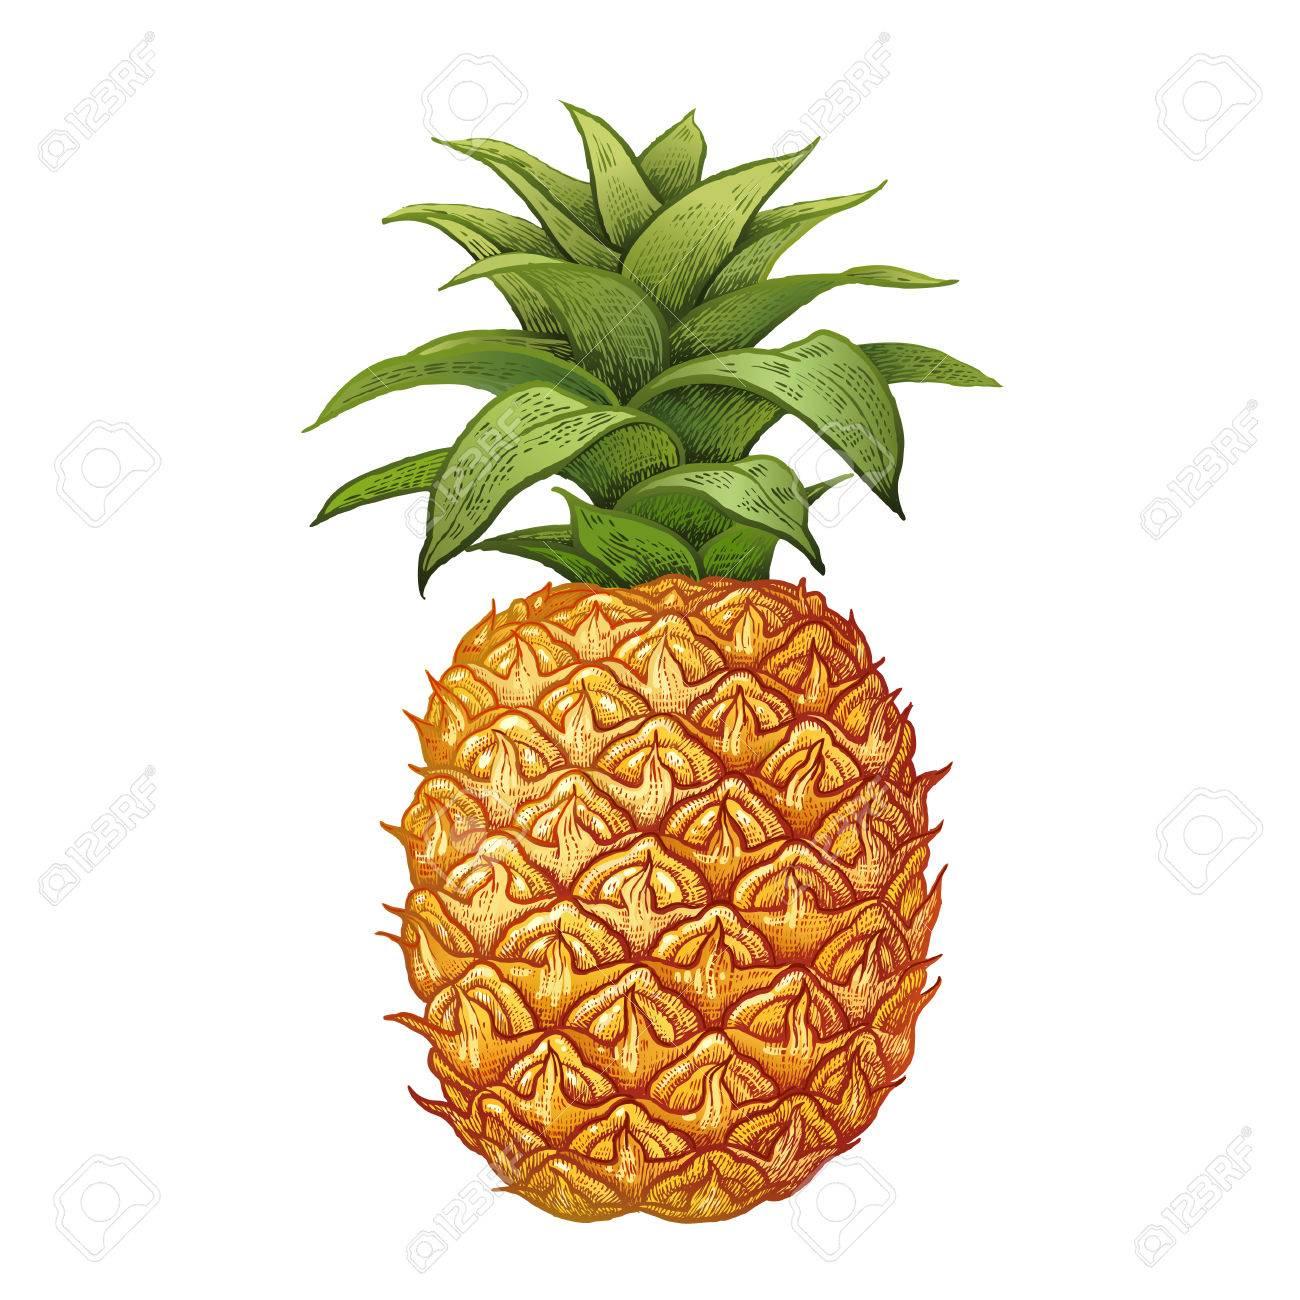 Ananas Dessin à La Main Réaliste Fait Avec Des Crayons De Couleur Illustration Vectorielle Fruit Isolé Sur Fond Blanc Plante Pour Décorer Les